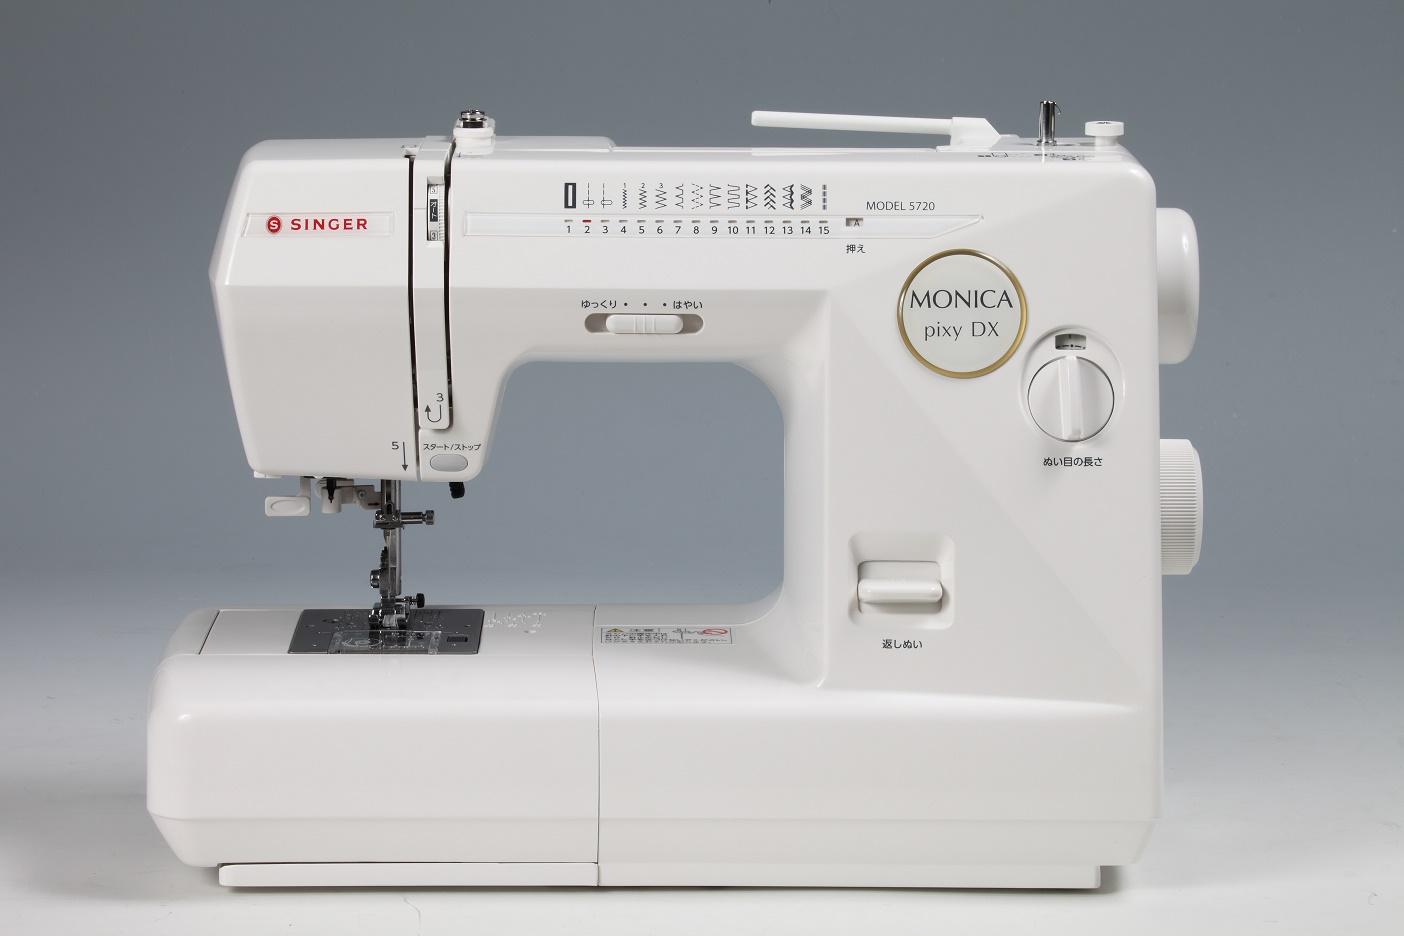 【送料無料】シンガーミシン(SINGER)電子ミシンモニカ ピクシー デラックス MONICA pixy DX 5720